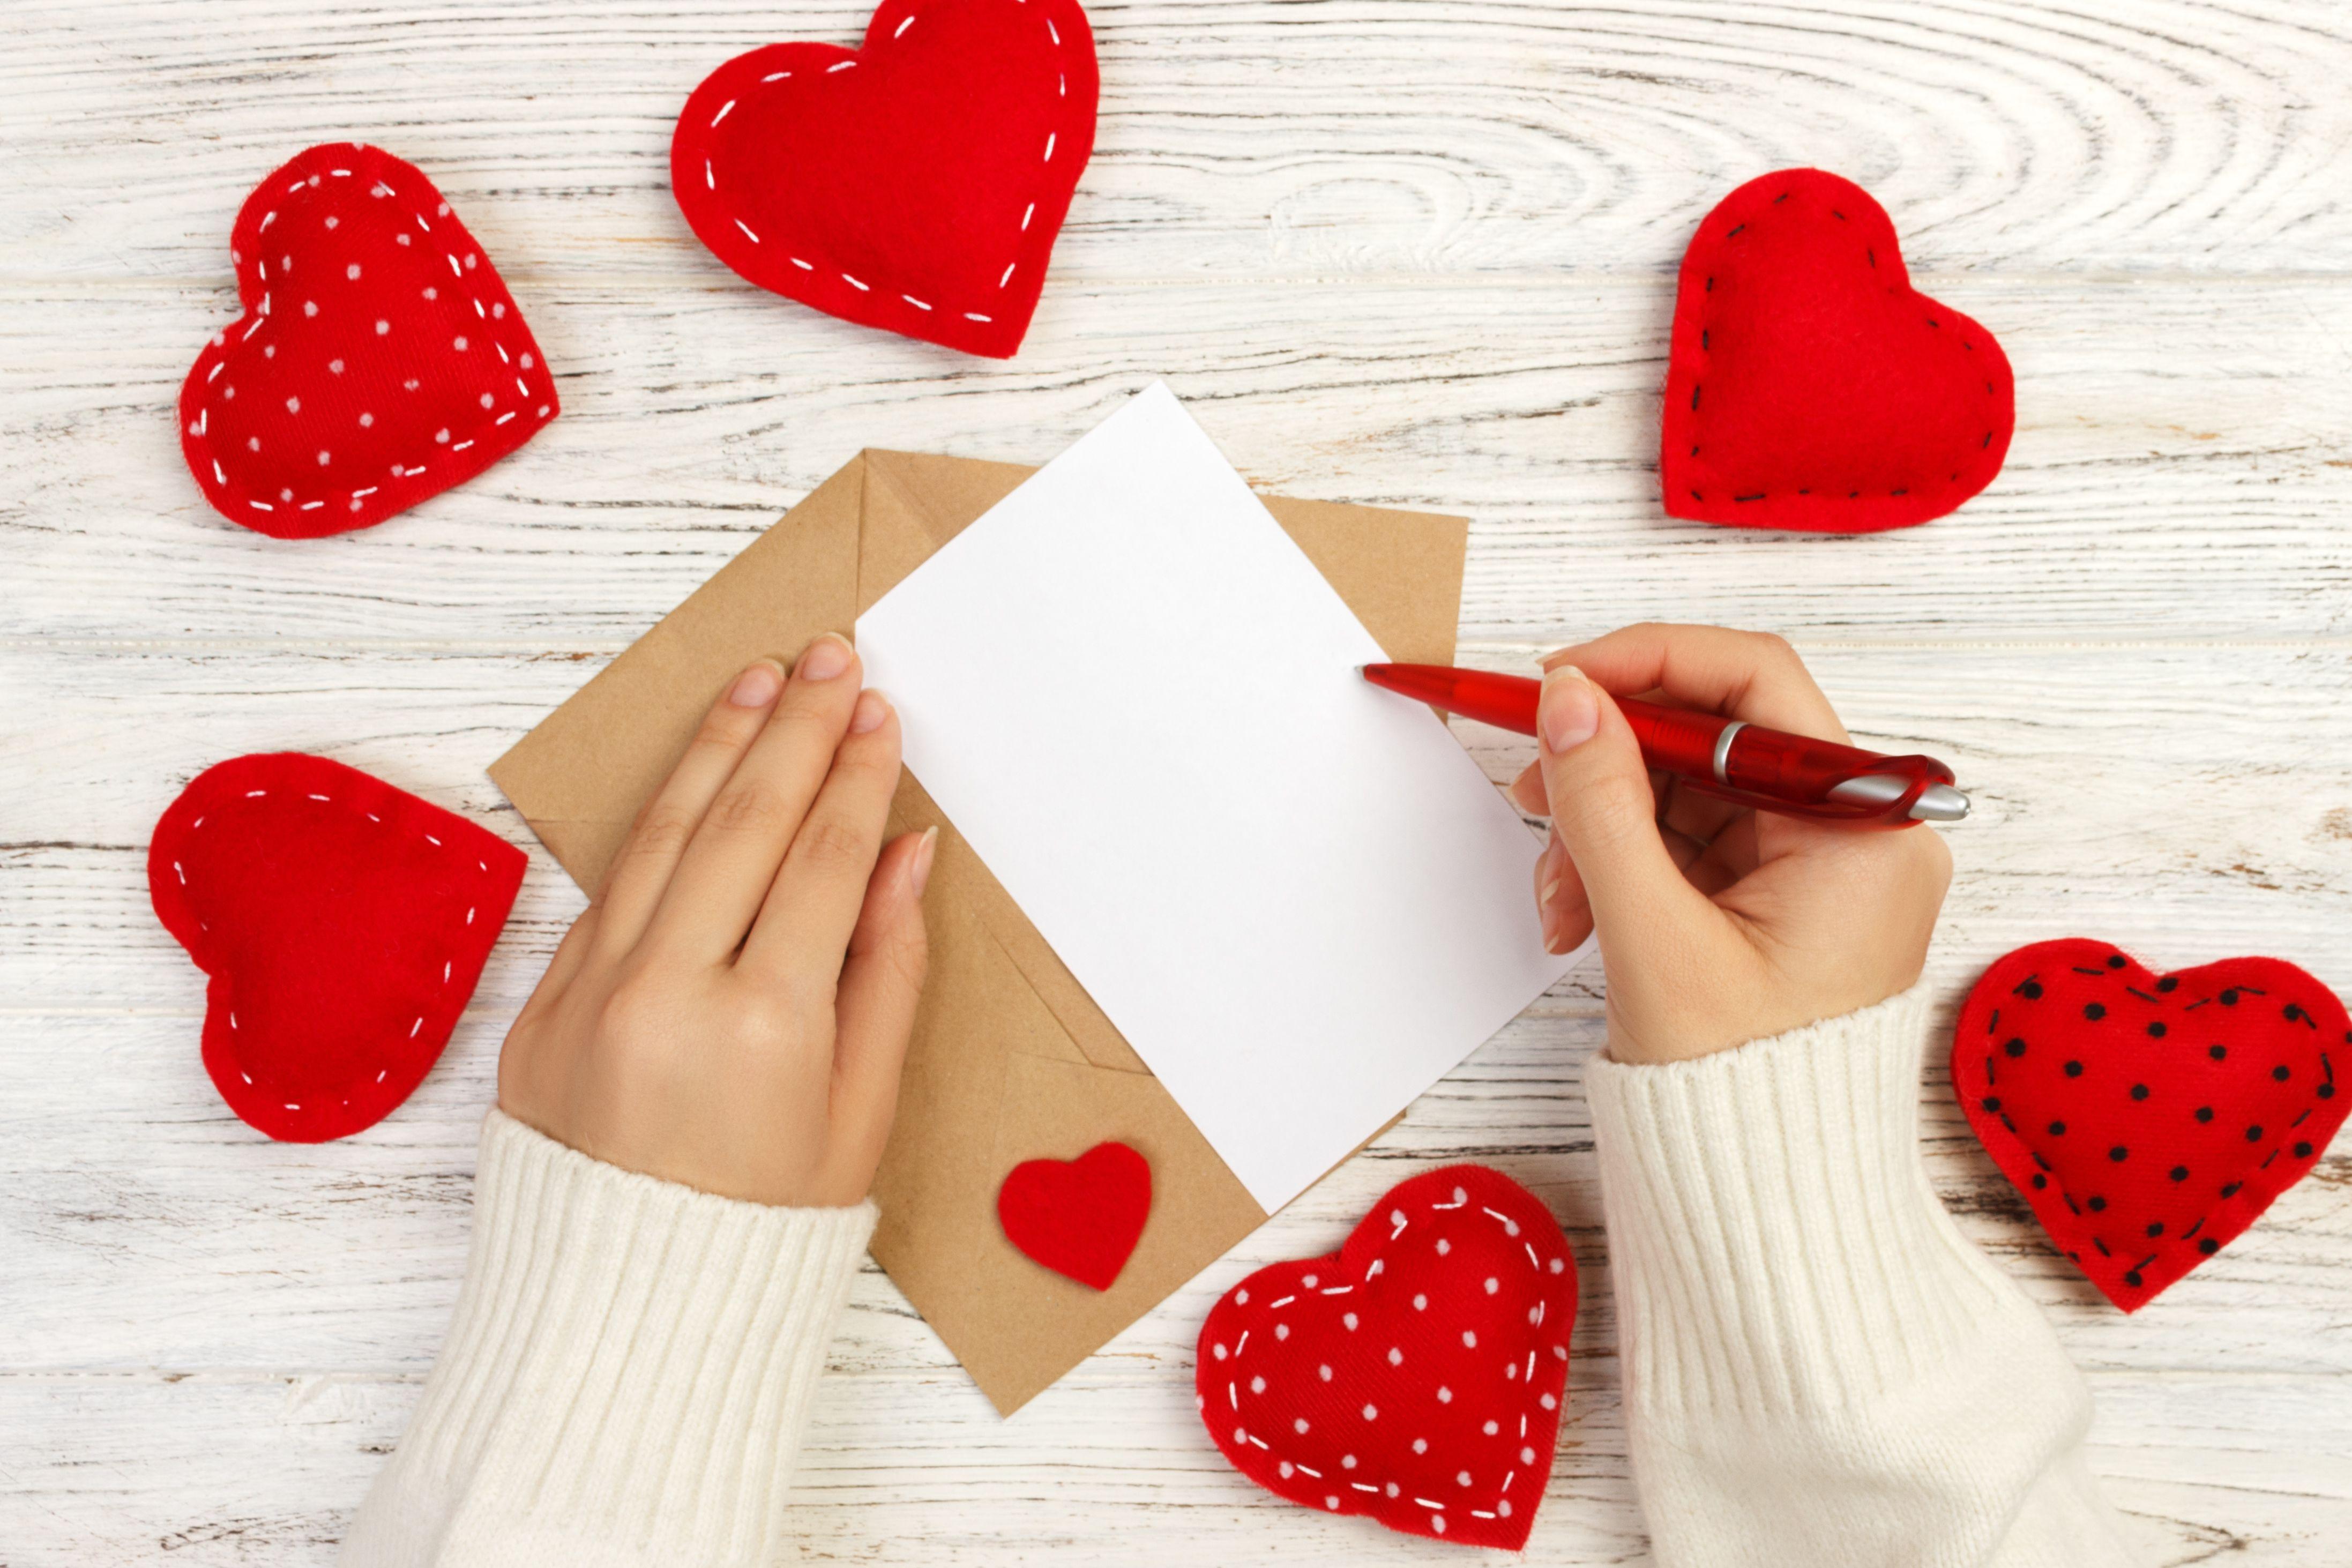 изрязани ръце на жена, пишеща на хартия на дървена маса